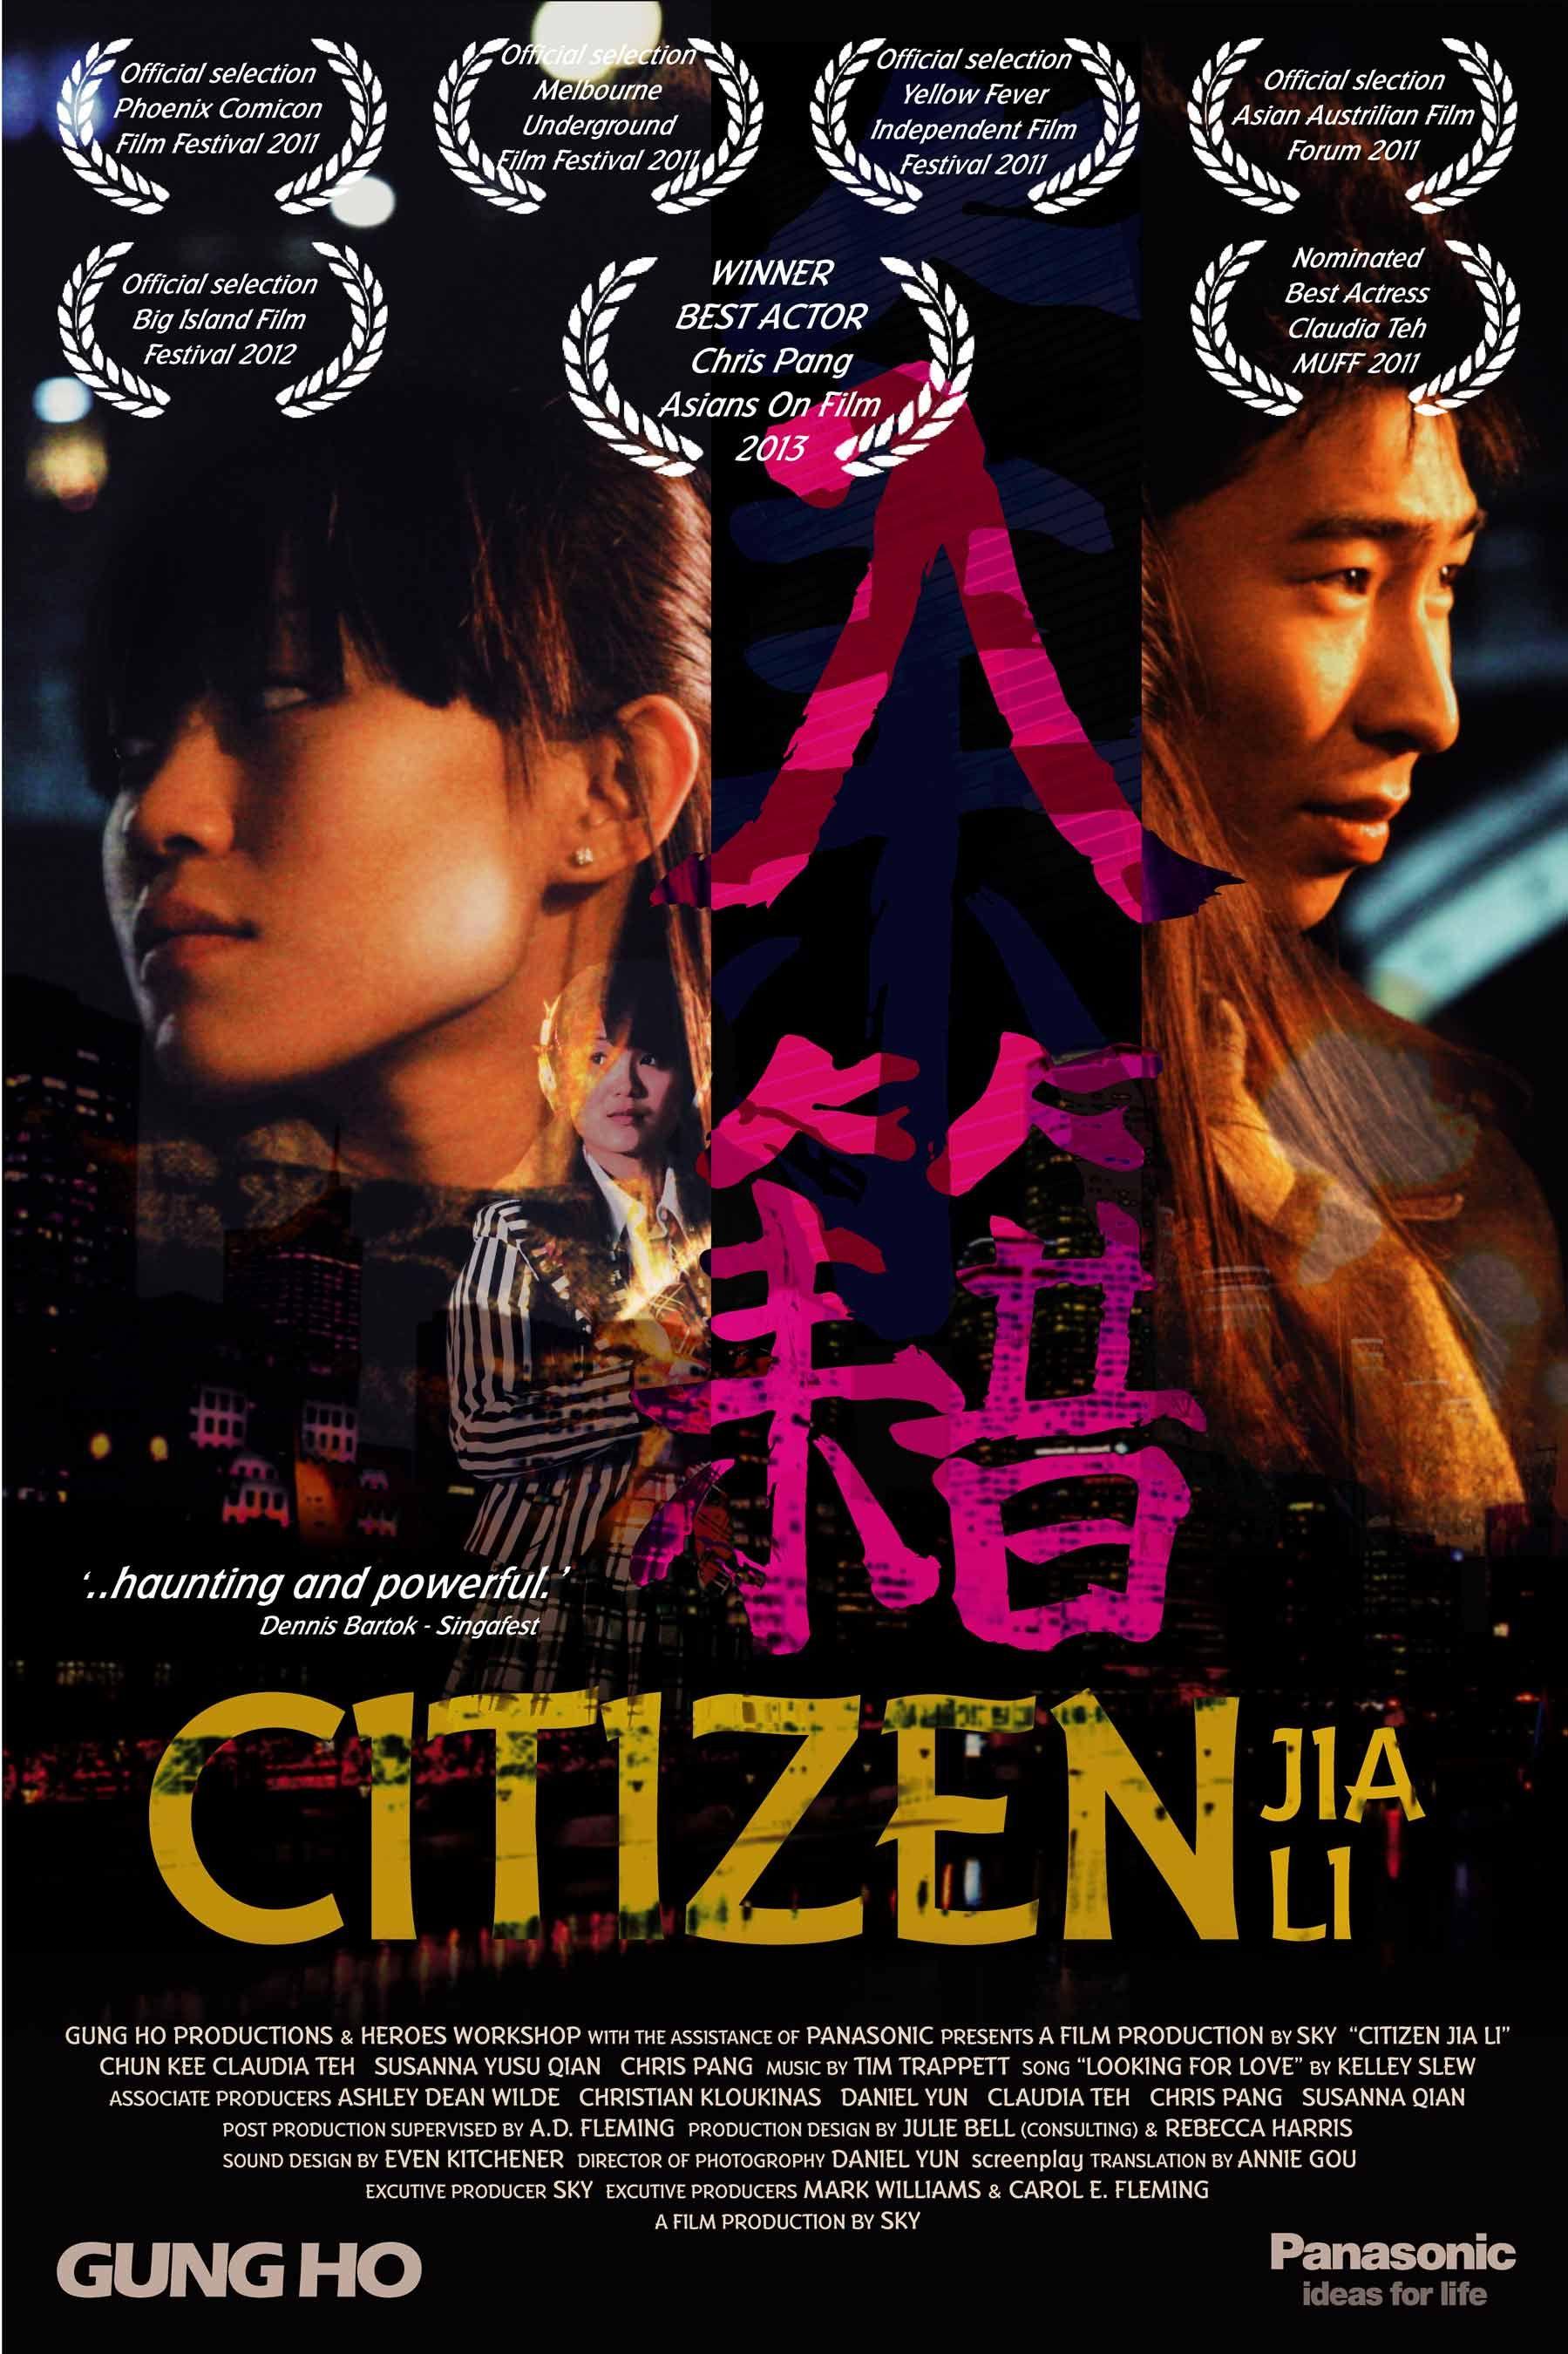 'Citizen Jia Li' (Australia, 2011) #CitizenJiaLi #film http://cueafs.com/2013/07/citizen-jia-li-australia-2011-film-review/